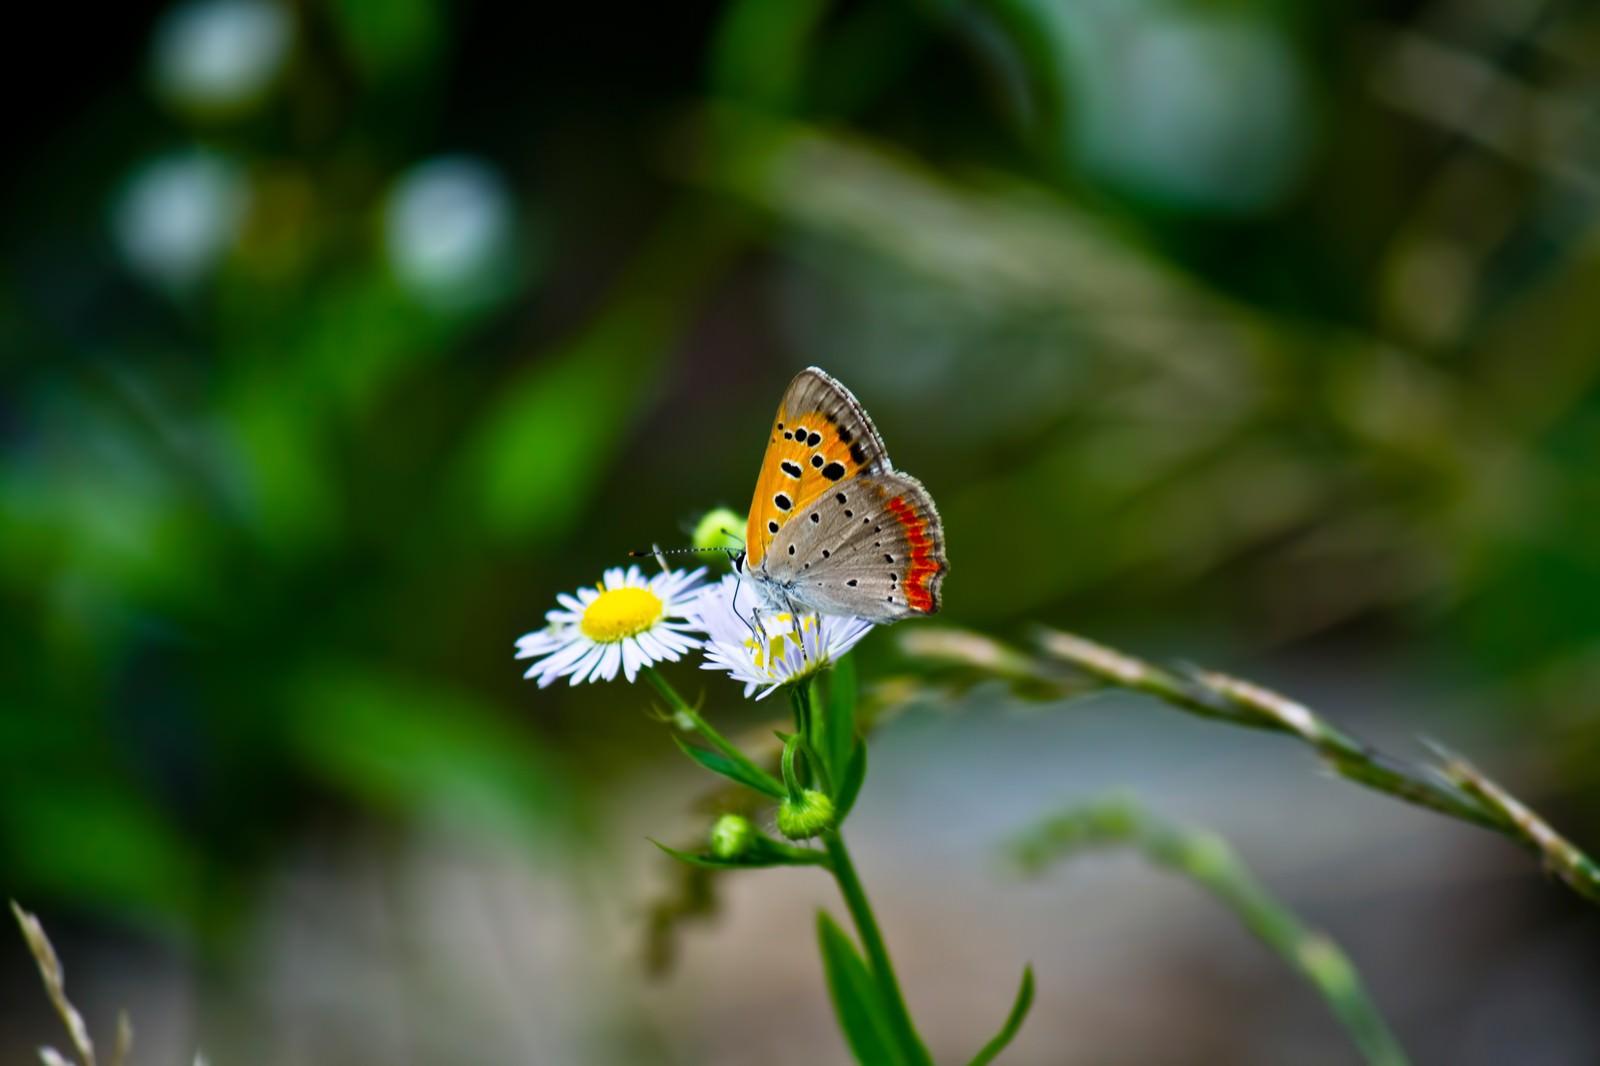 「花の蜜を吸うベニシジミ」の写真